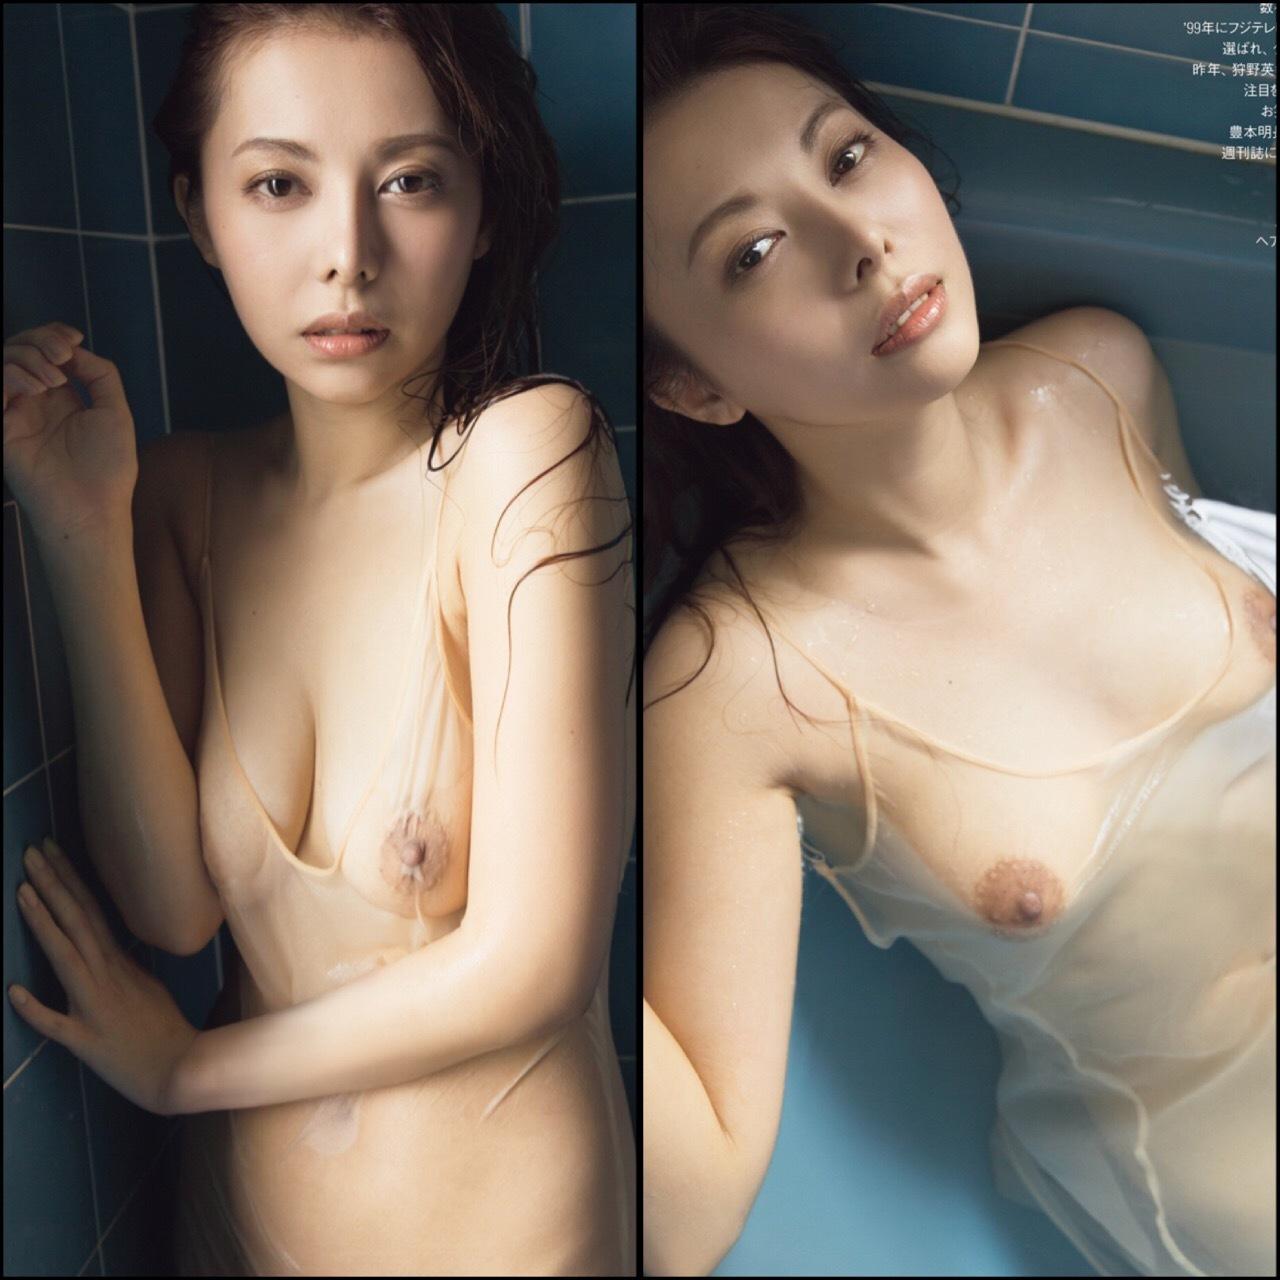 濱松恵のアダルトエロ画像